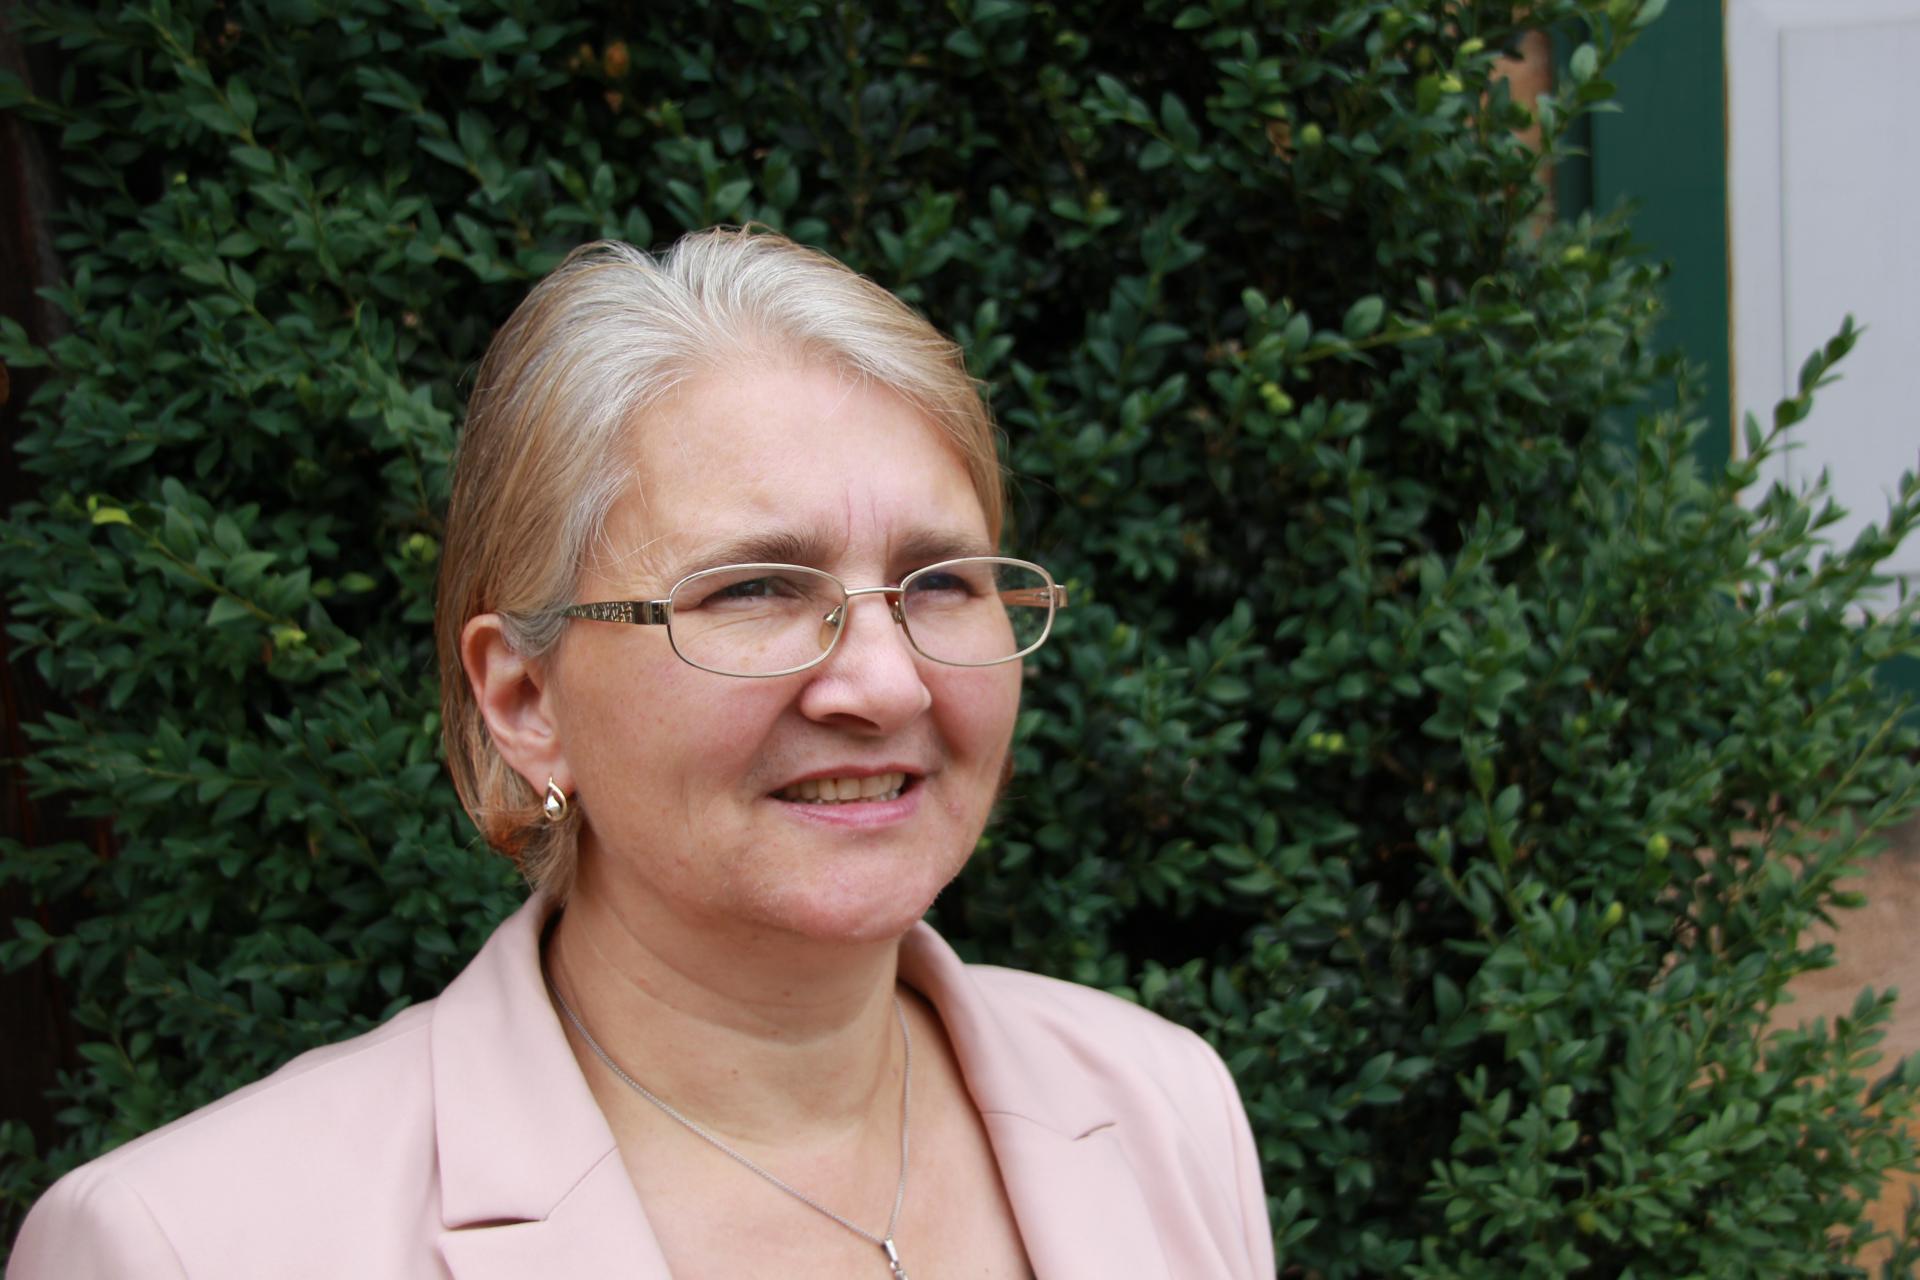 Karin Grießmeier